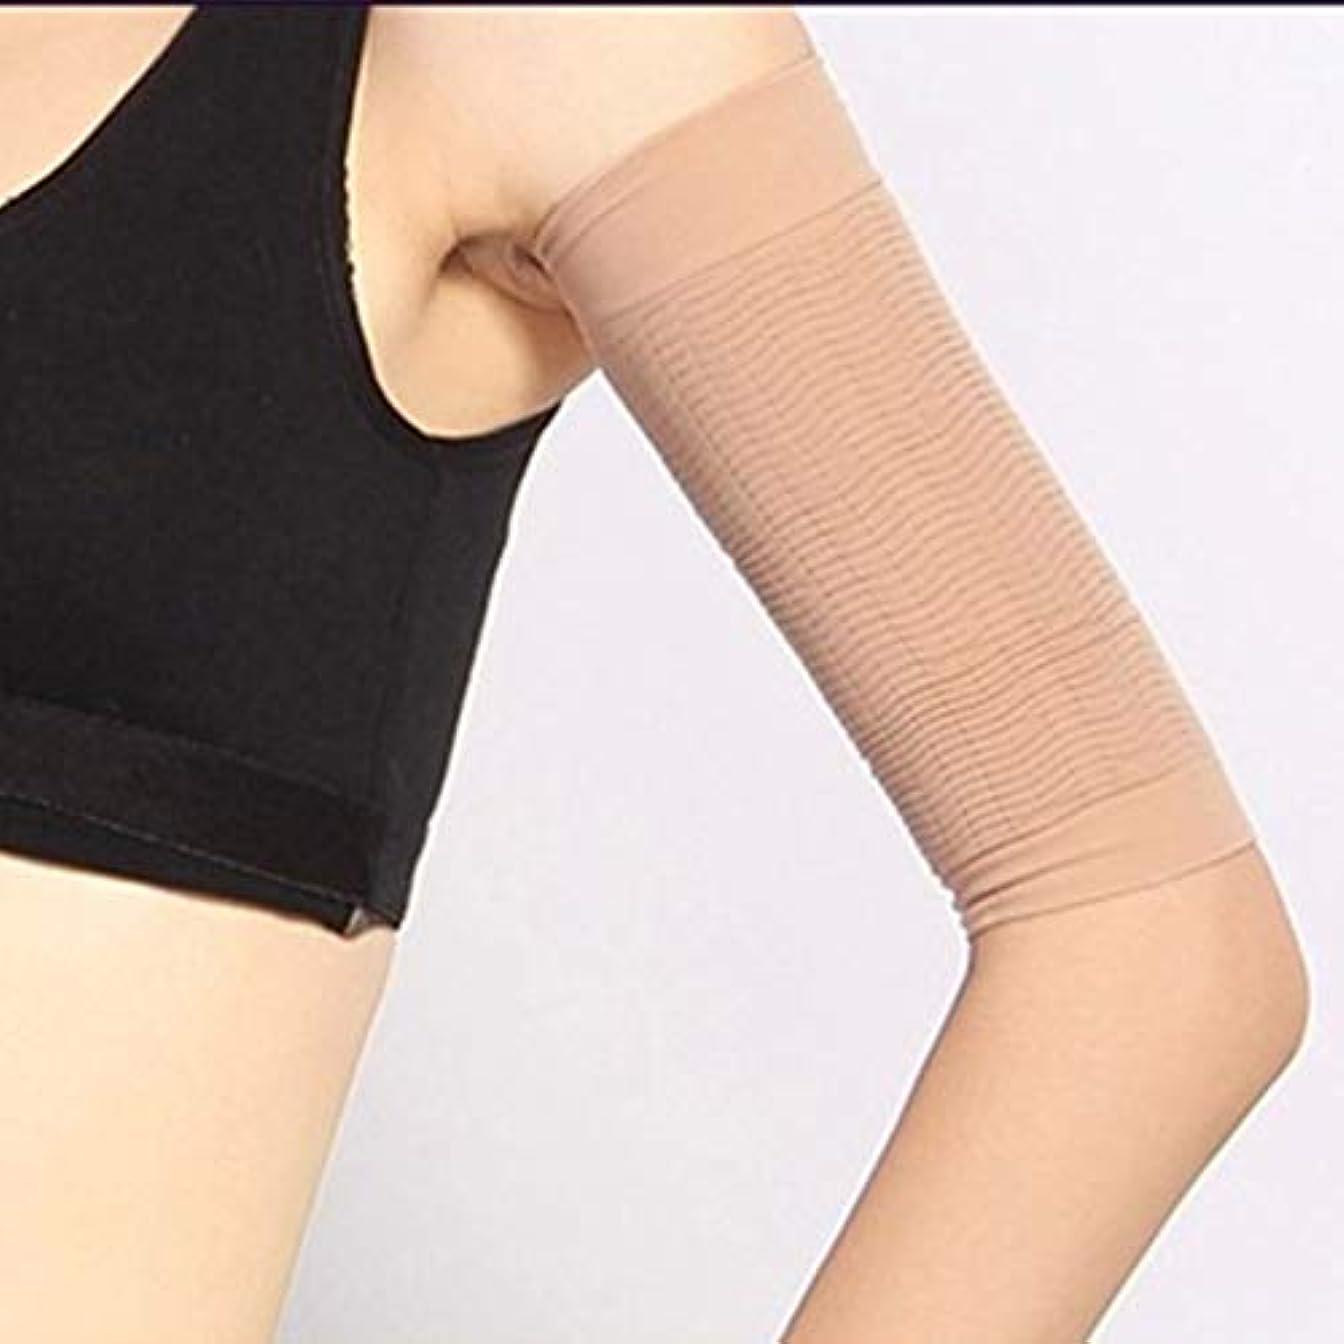 強調する倫理滑りやすい1ペア420 D圧縮痩身アームスリーブワークアウトトーニングバーンセルライトシェイパー脂肪燃焼袖用女性 - 肌色